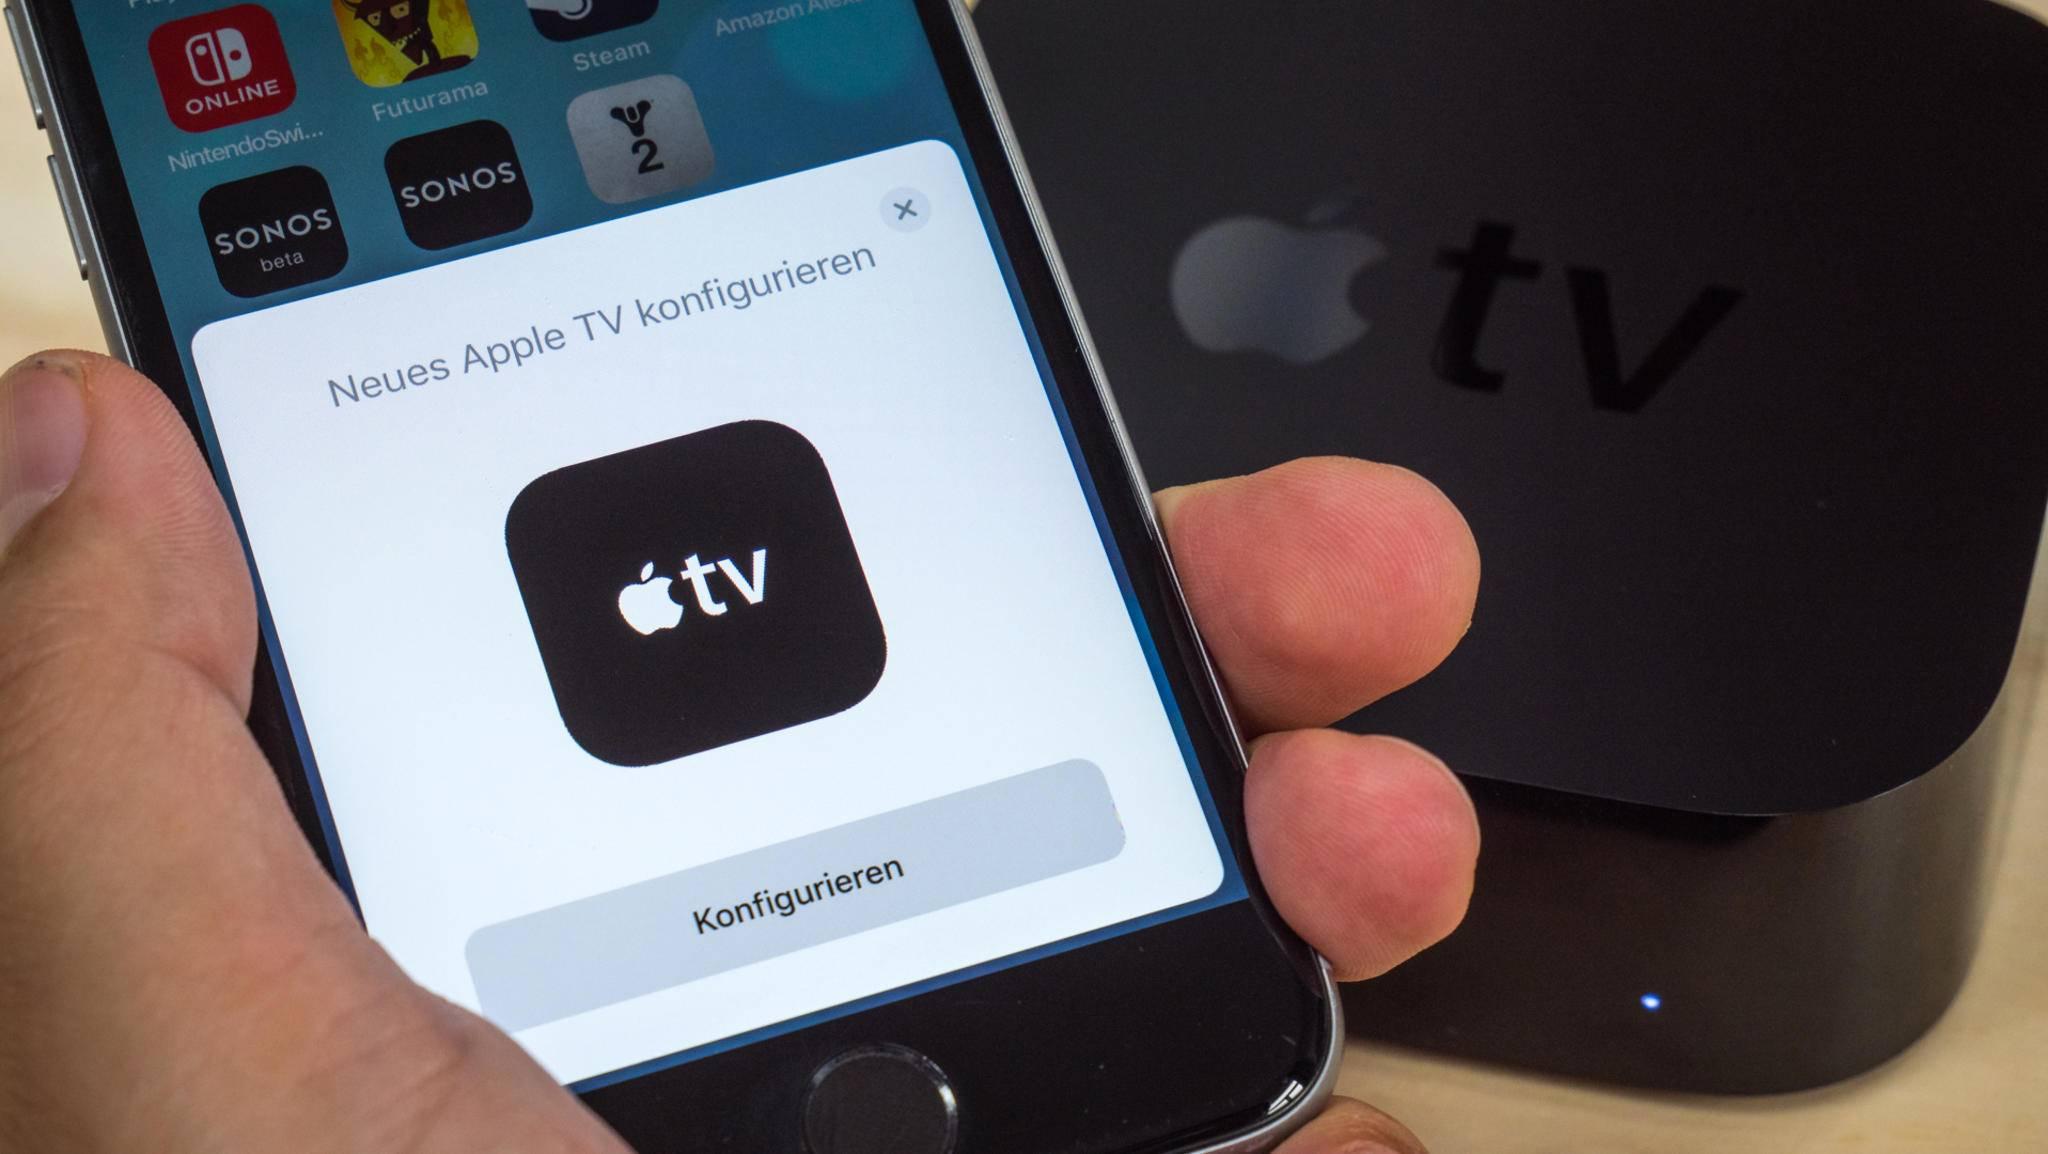 Hast Du keine Fernbedienung zur Hand, kannst Du den Apple TV auch per App steuern.